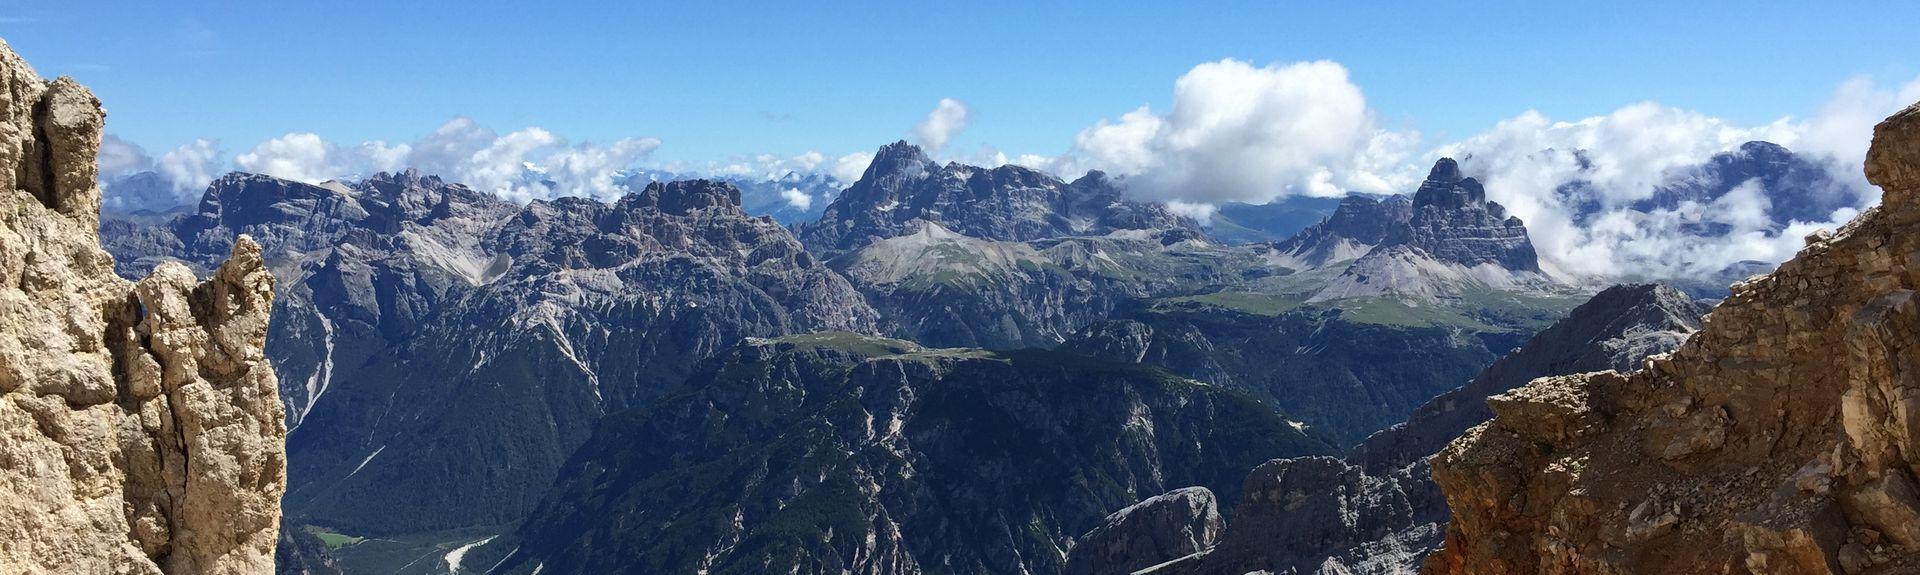 Brunico, Trentino-Zuid-Tirol, Italië